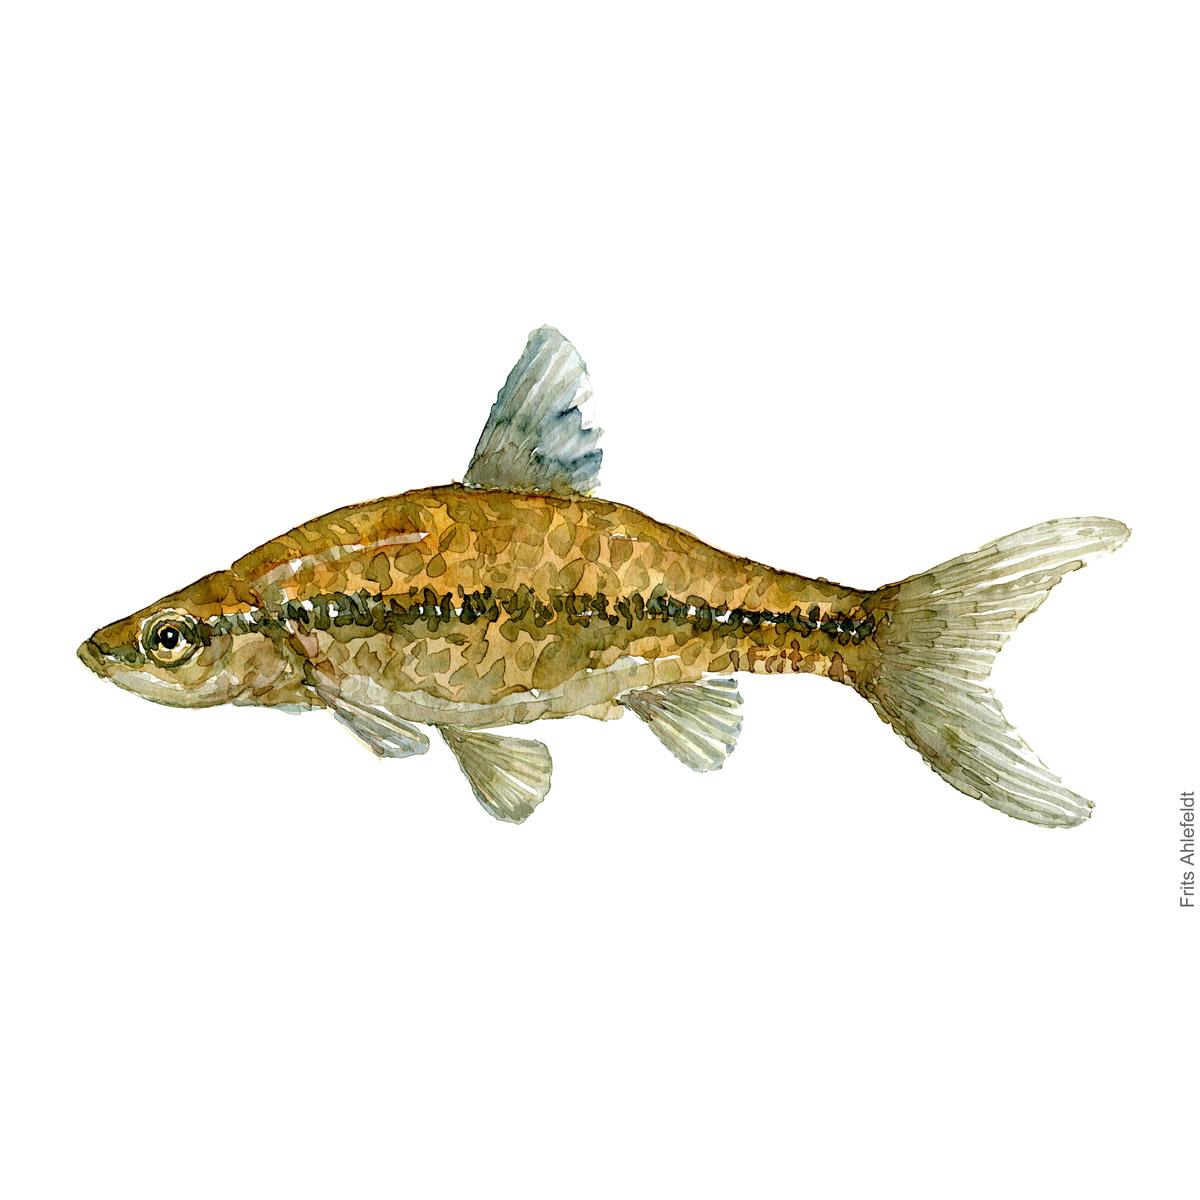 Baandgrundling - Dansk Ferskvandsfisk Akvarel af Frits Ahlefeldt - freshwater fish Watercolor